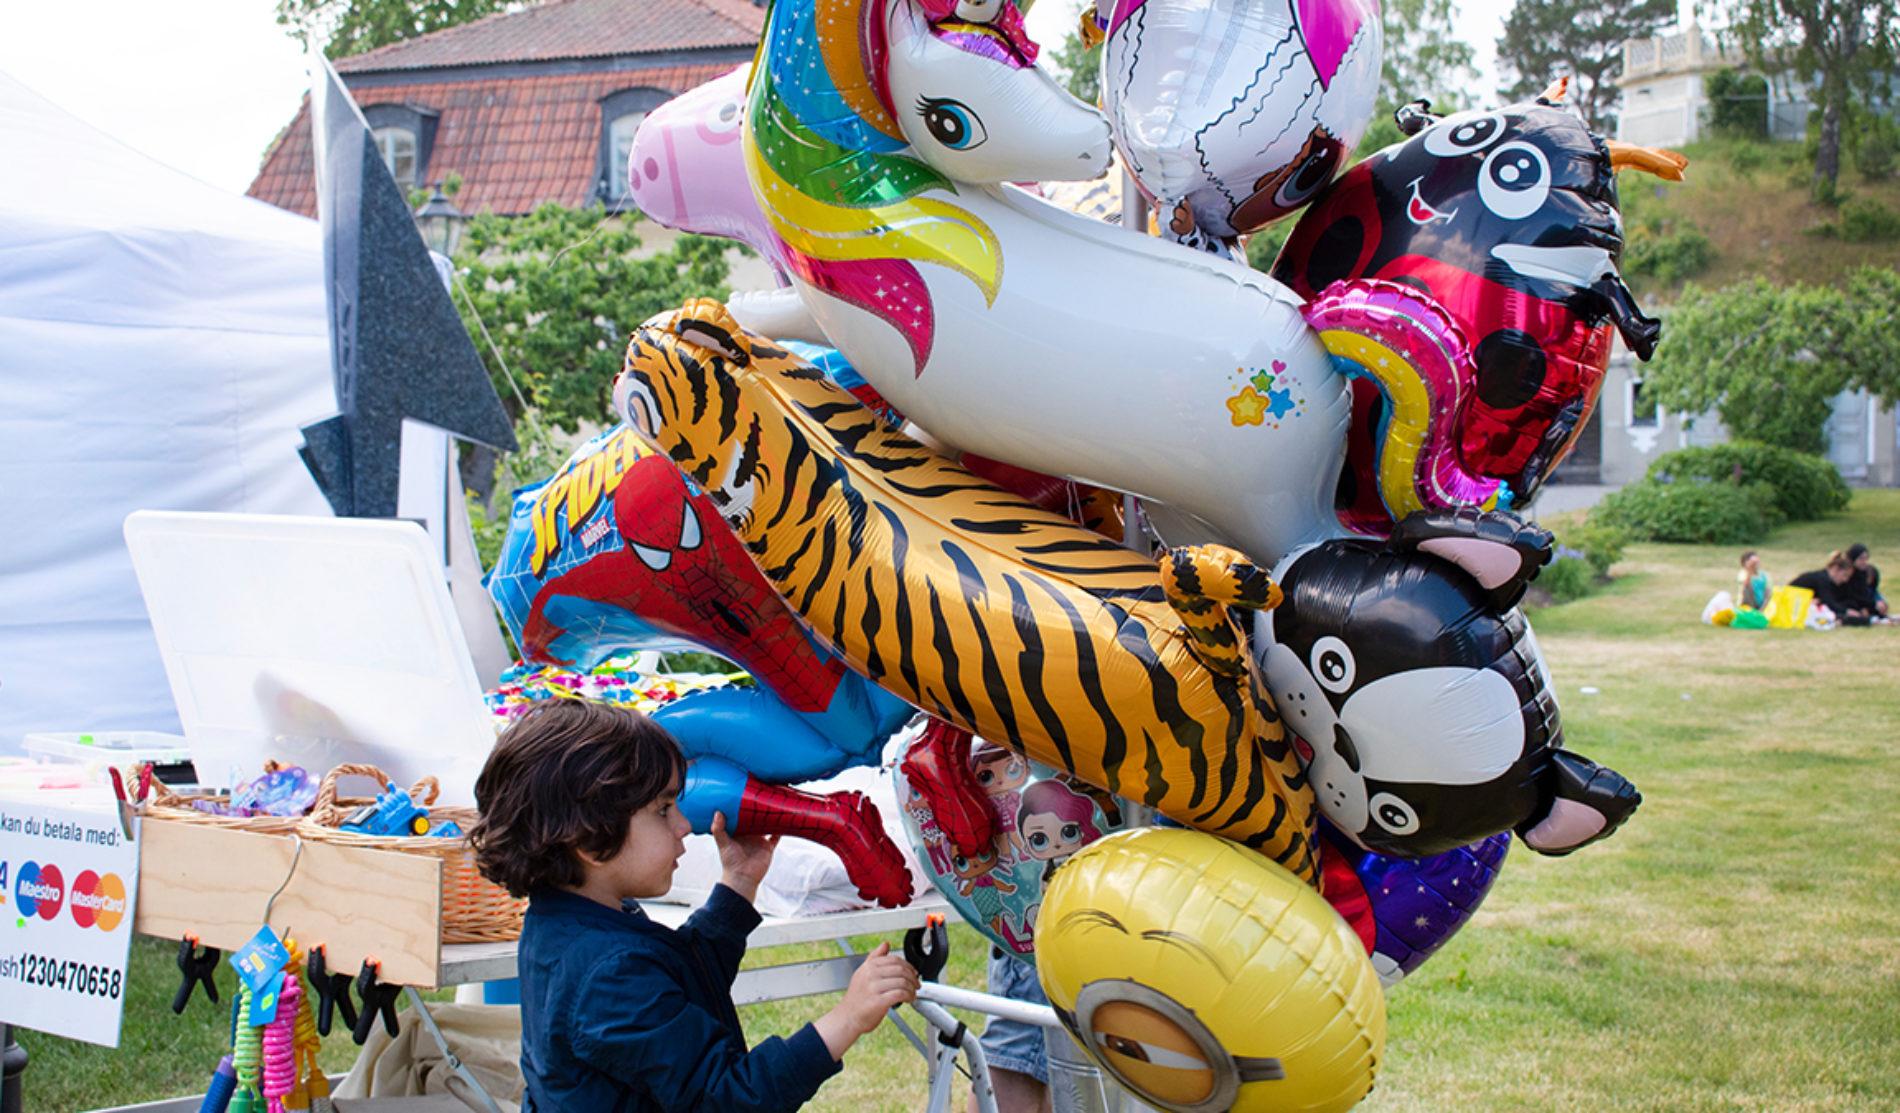 Så firades Eid al-Fitr i Botkyrka